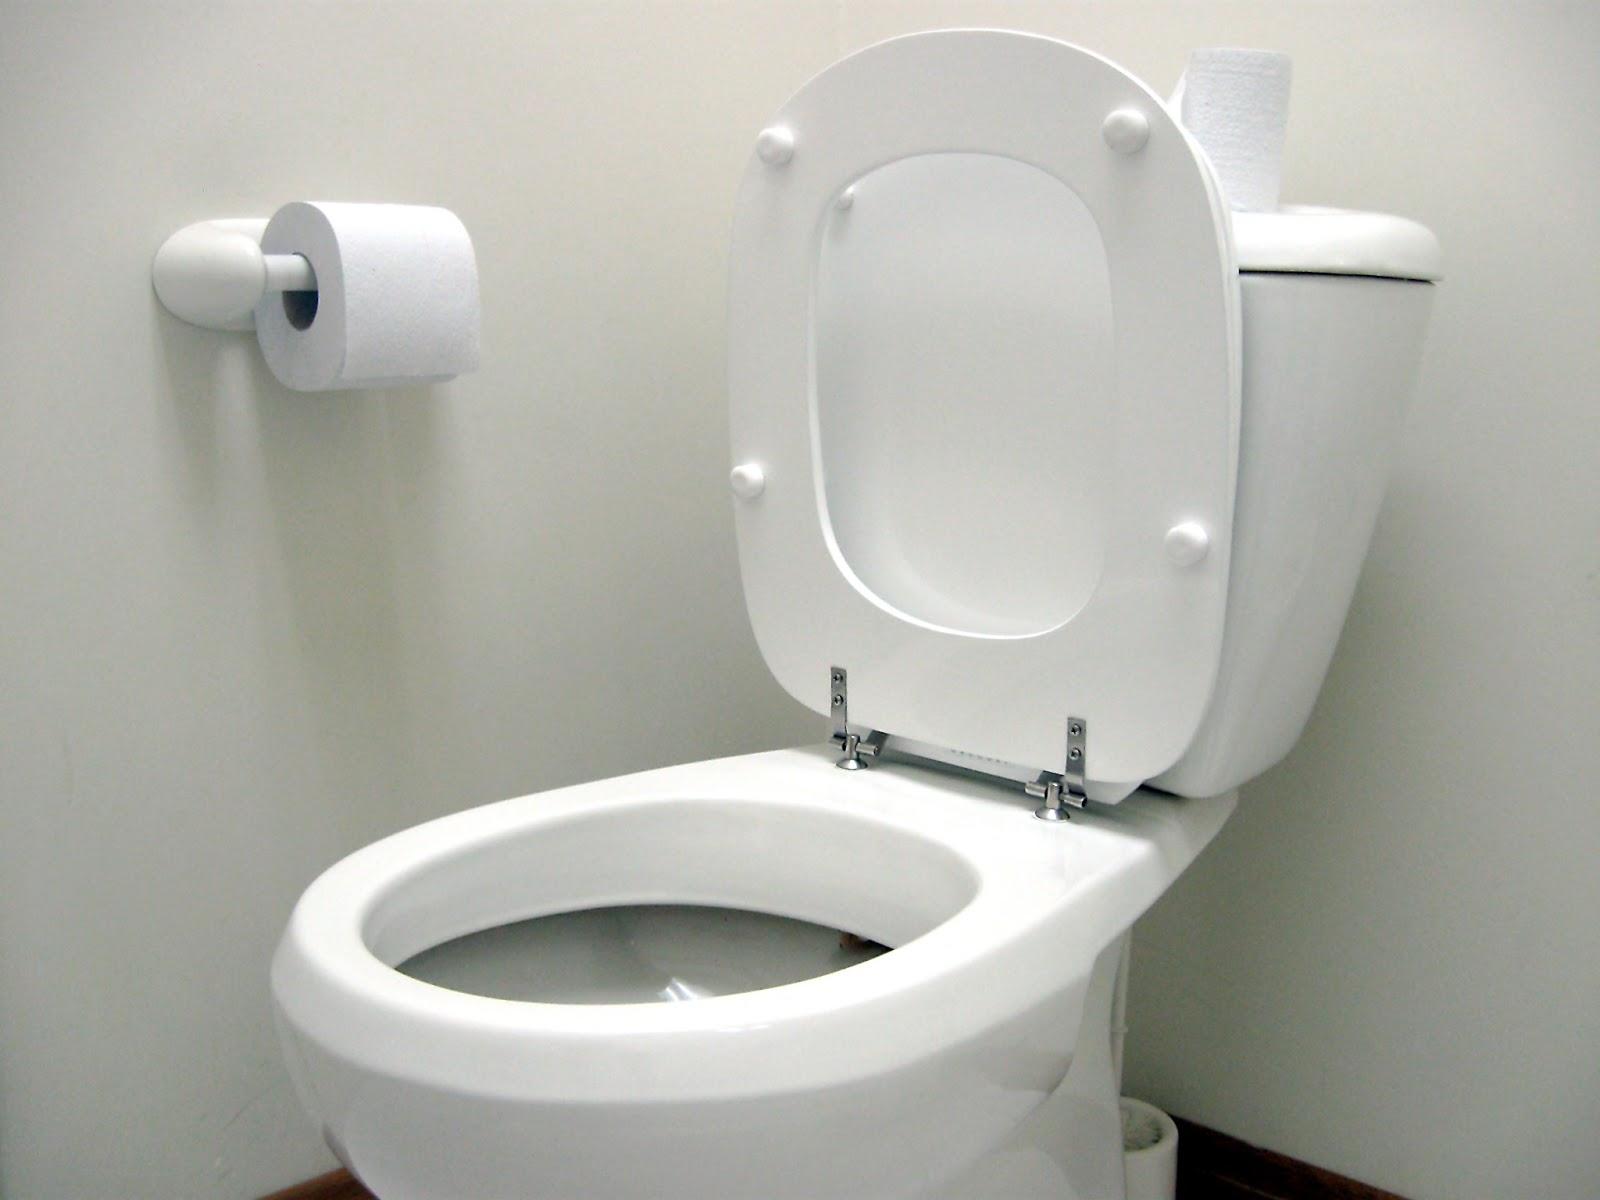 Bairro do oriente o privado da privada - Foto de toilette ...